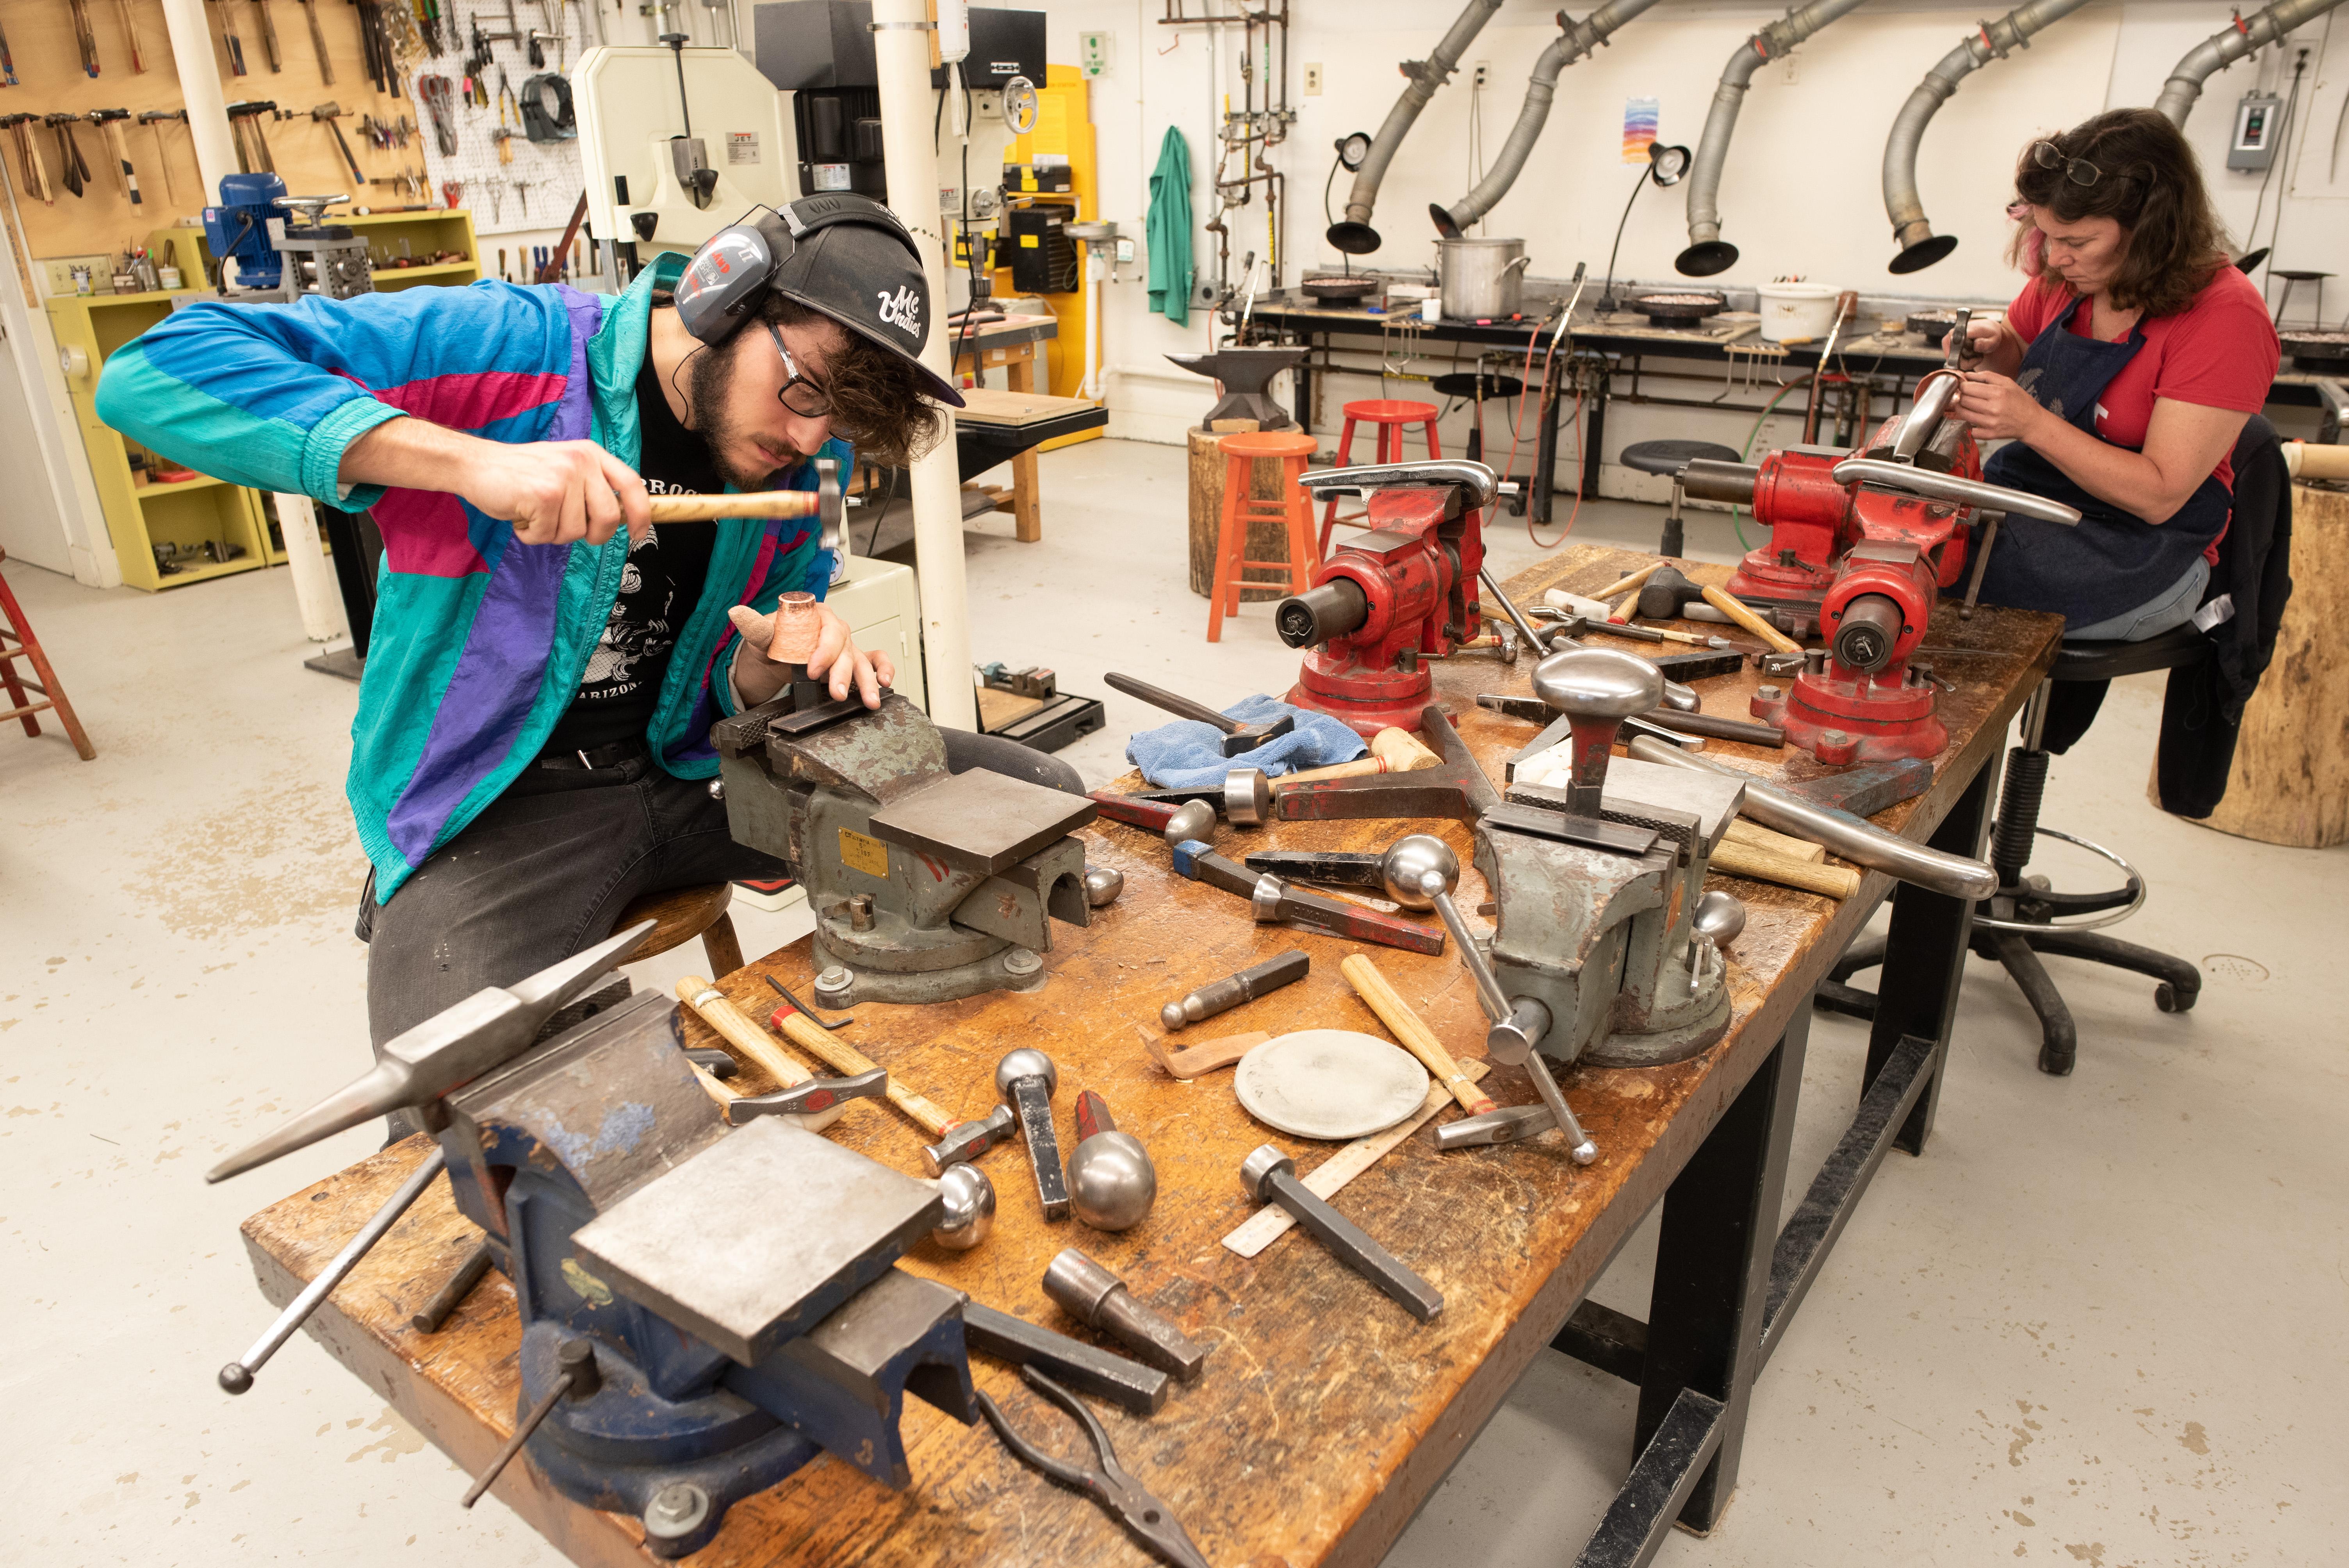 Penland Metals Studio